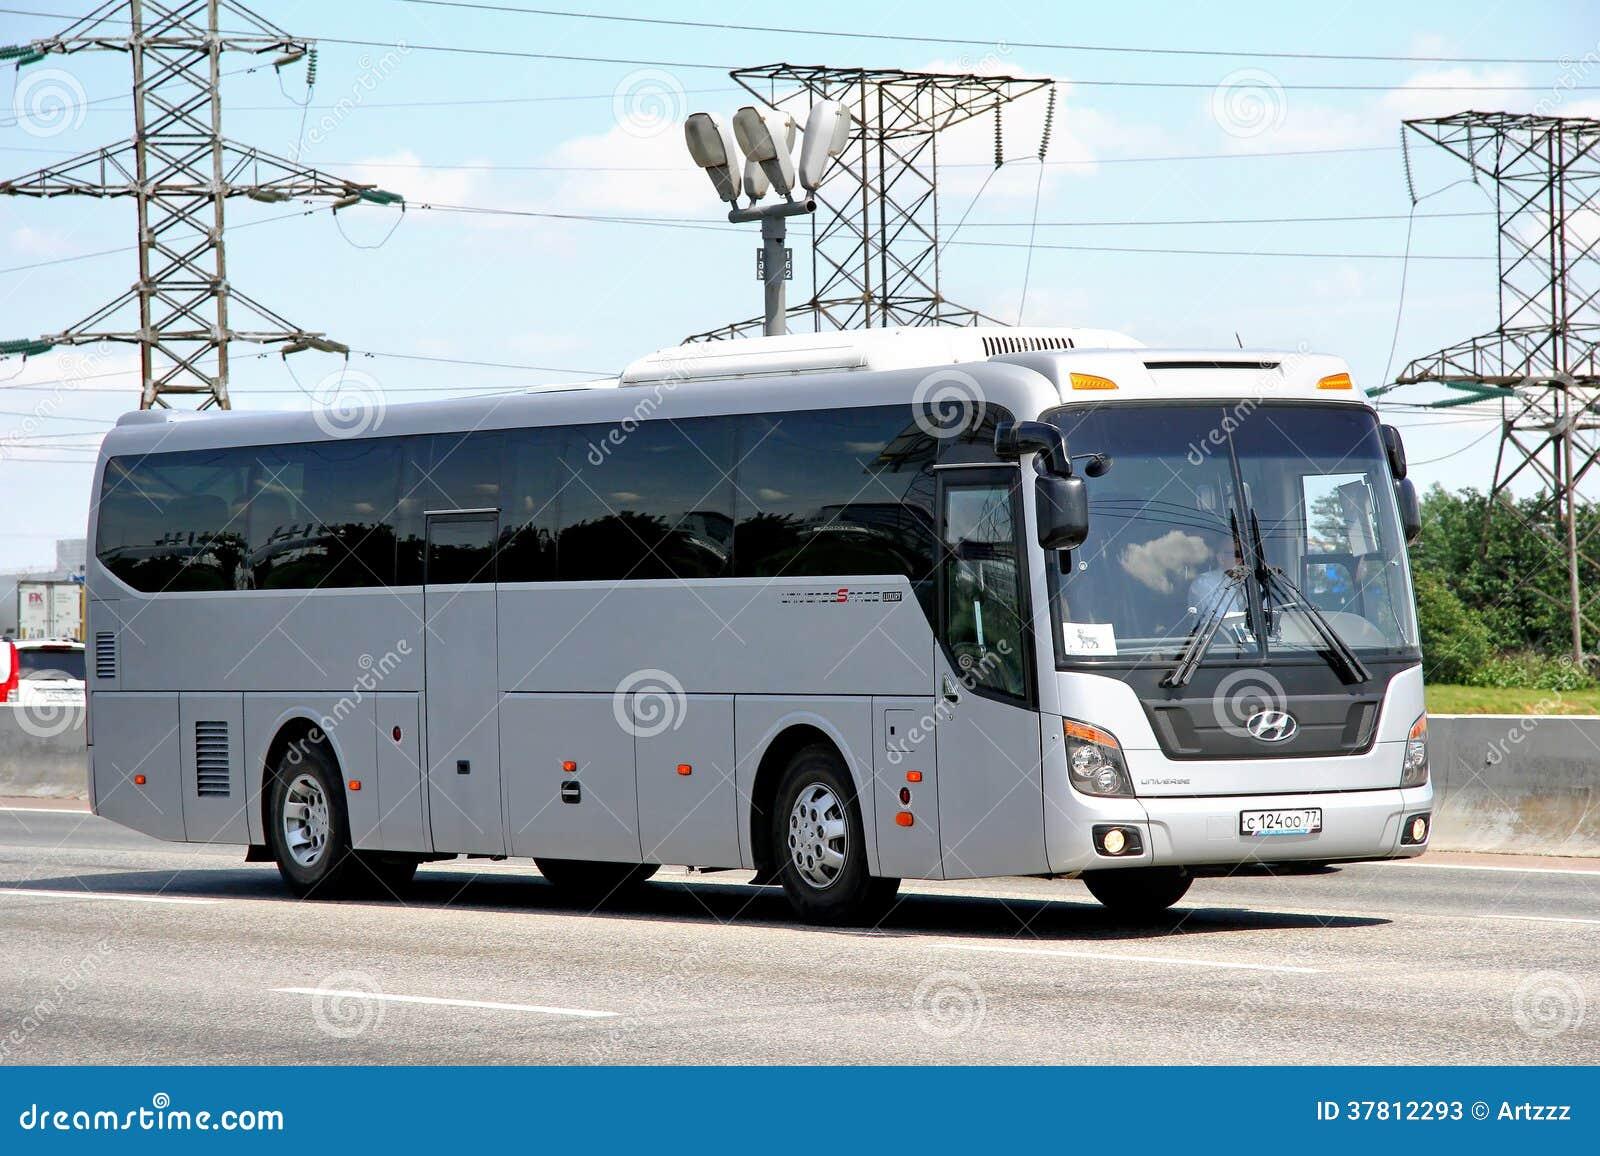 city bus clipart